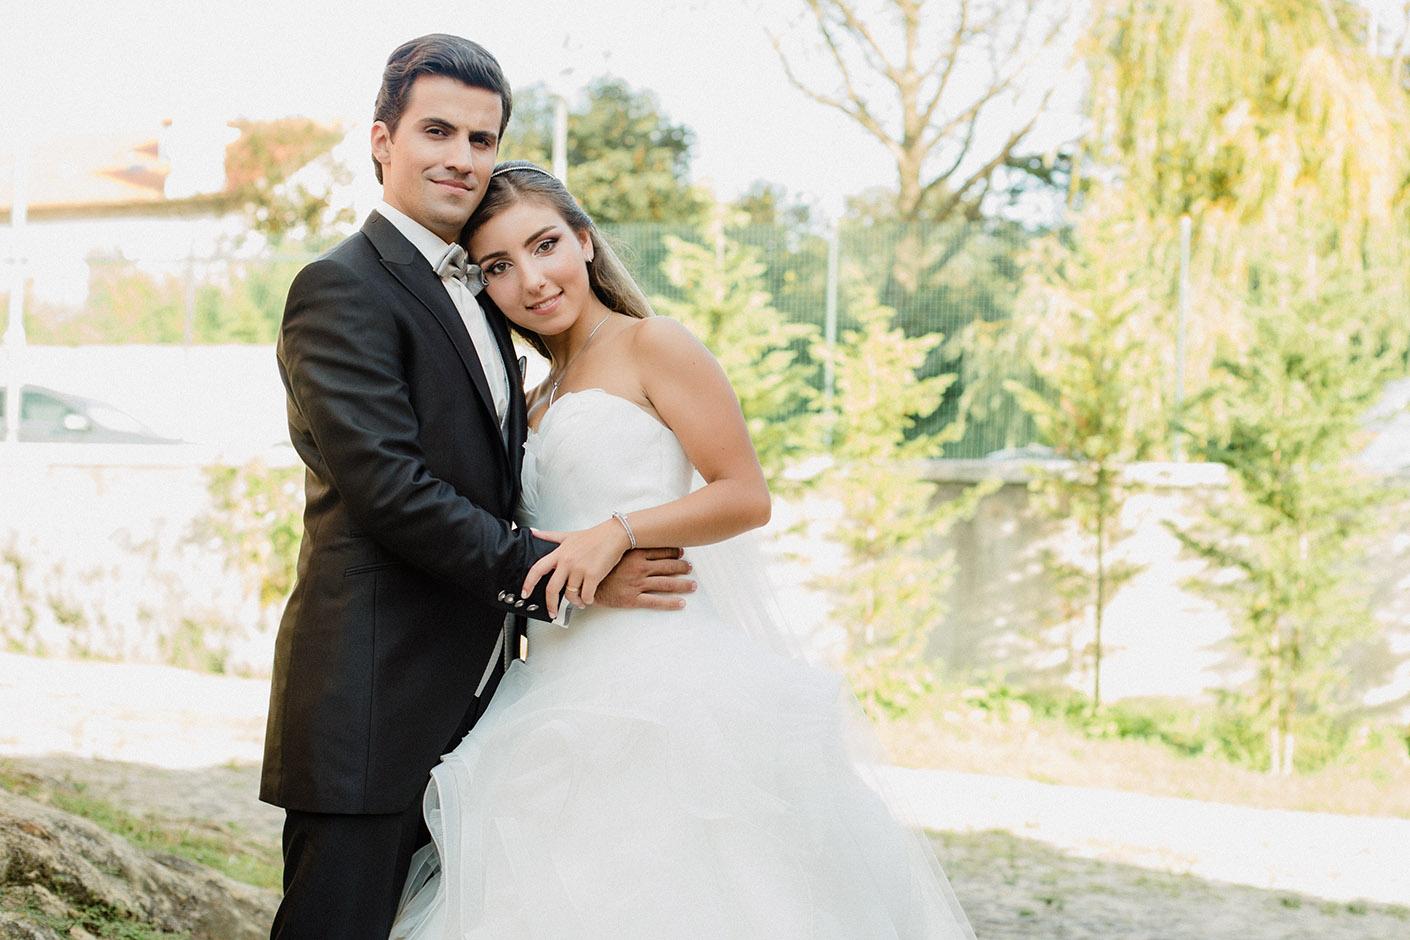 041 Jaime Neto Photography wedding Marta e Dario